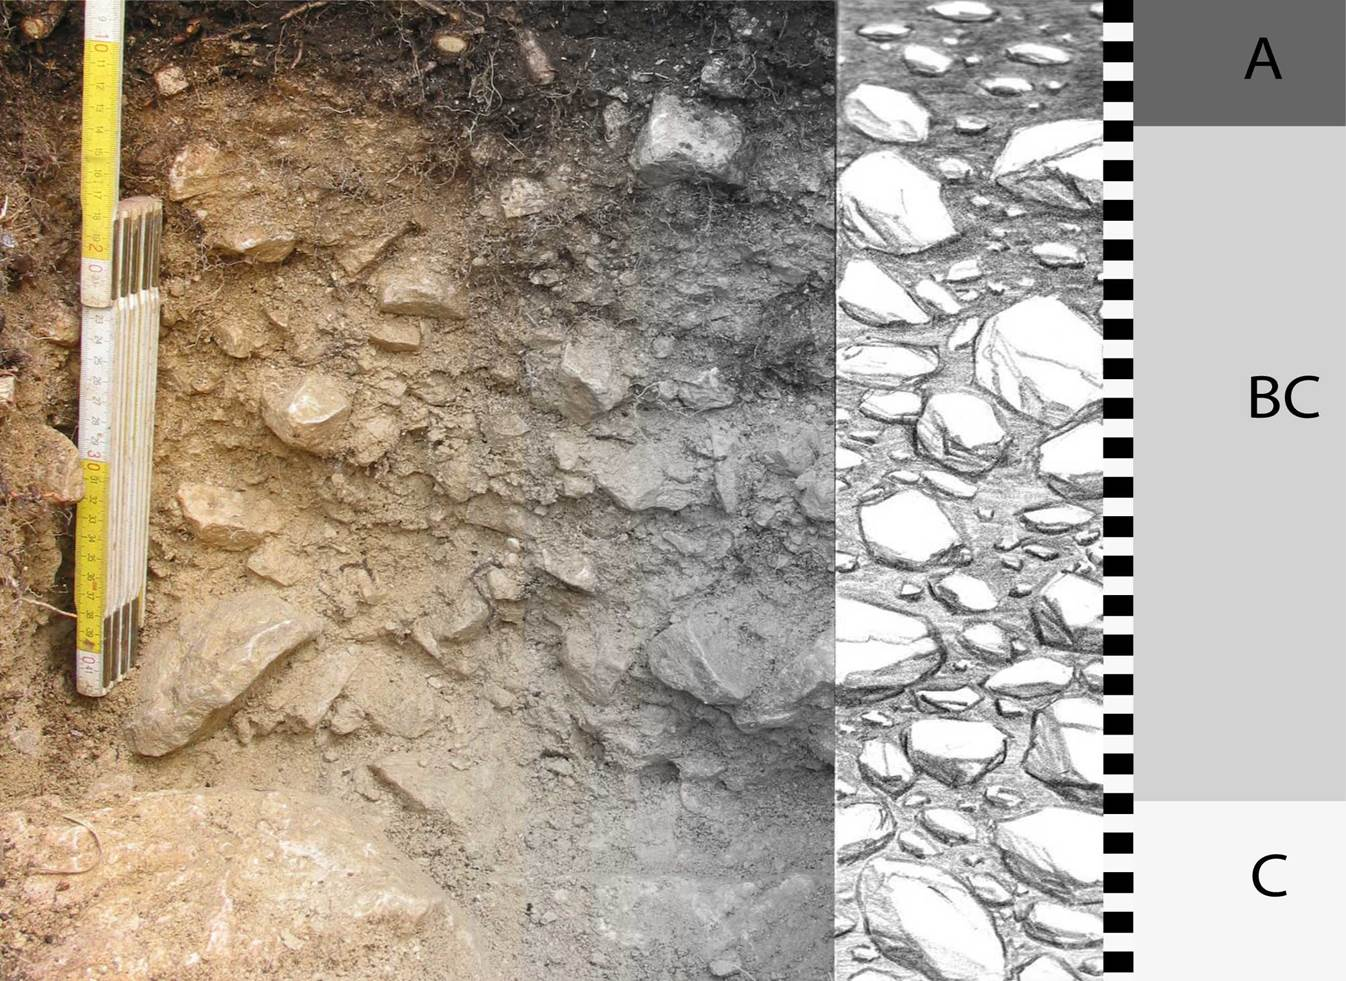 Bodenprofil: links ein Maßstab und ein Boden mit vielen Steinen, rechts schematische Zeichnung in grau